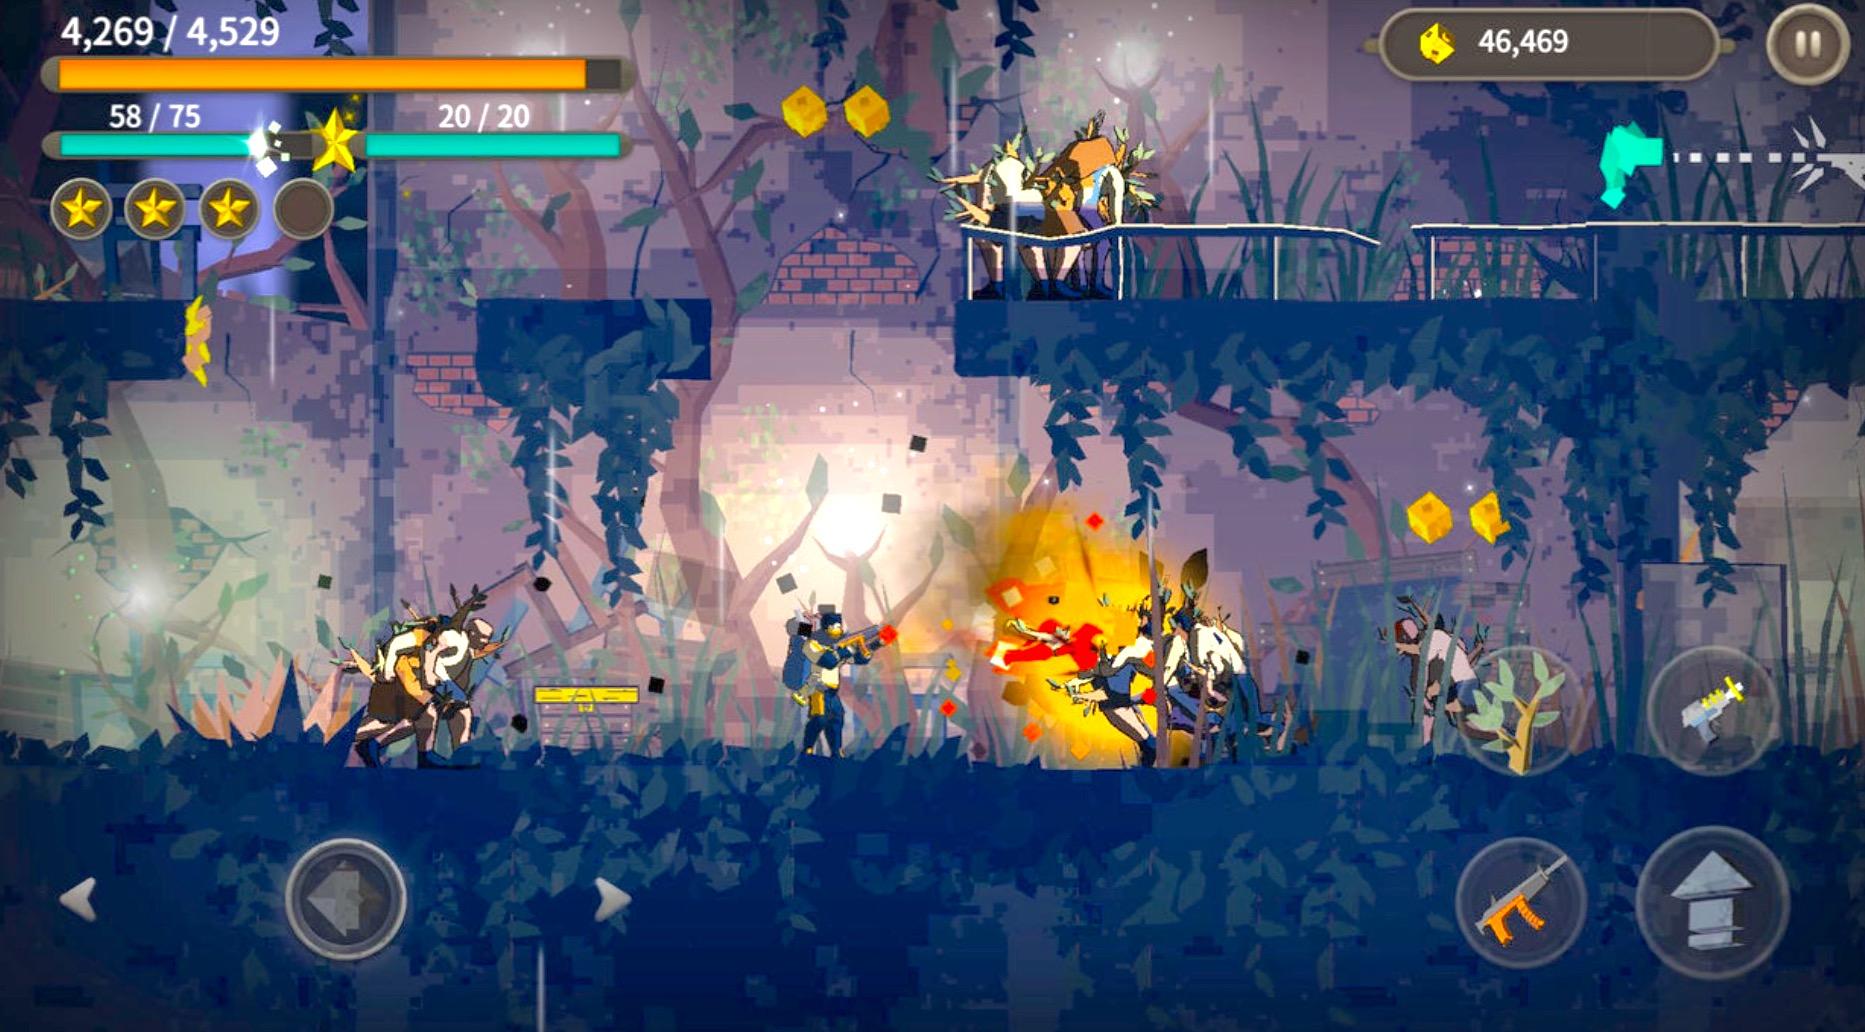 Sélection de sorties jeux iOS de la semaine, dont Angry Birds AR, Tropico, Kingsman, Dead Rain 2 et d'autres 1